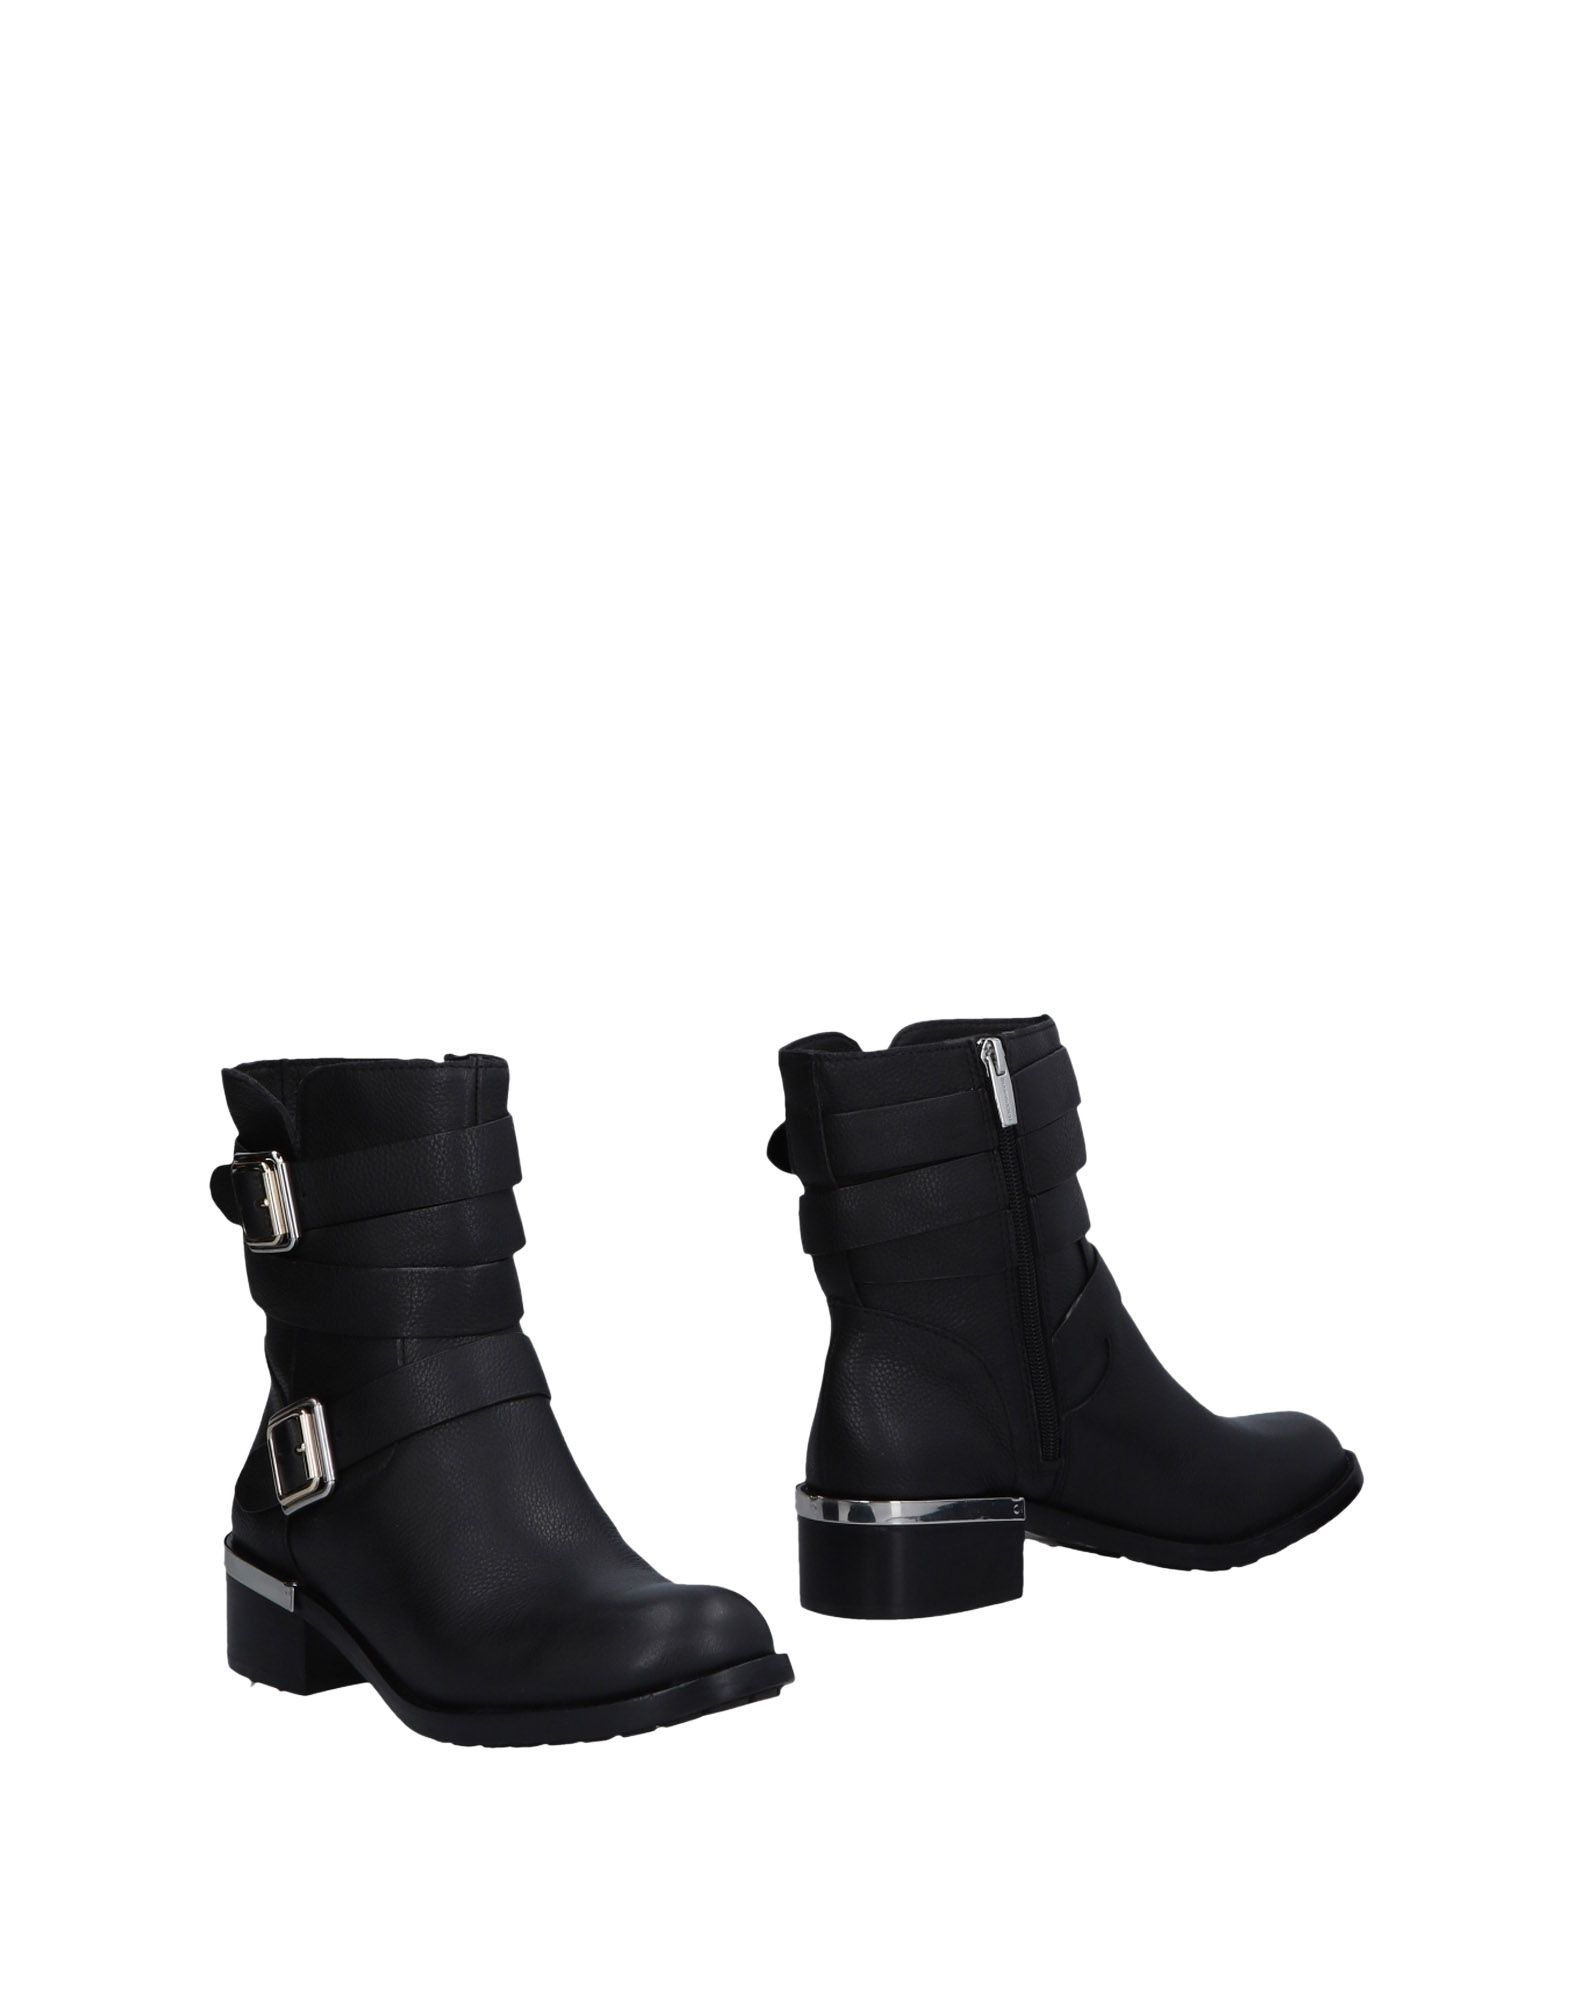 Vince Camuto Stiefelette Damen  11477855TV Gute Qualität beliebte Schuhe